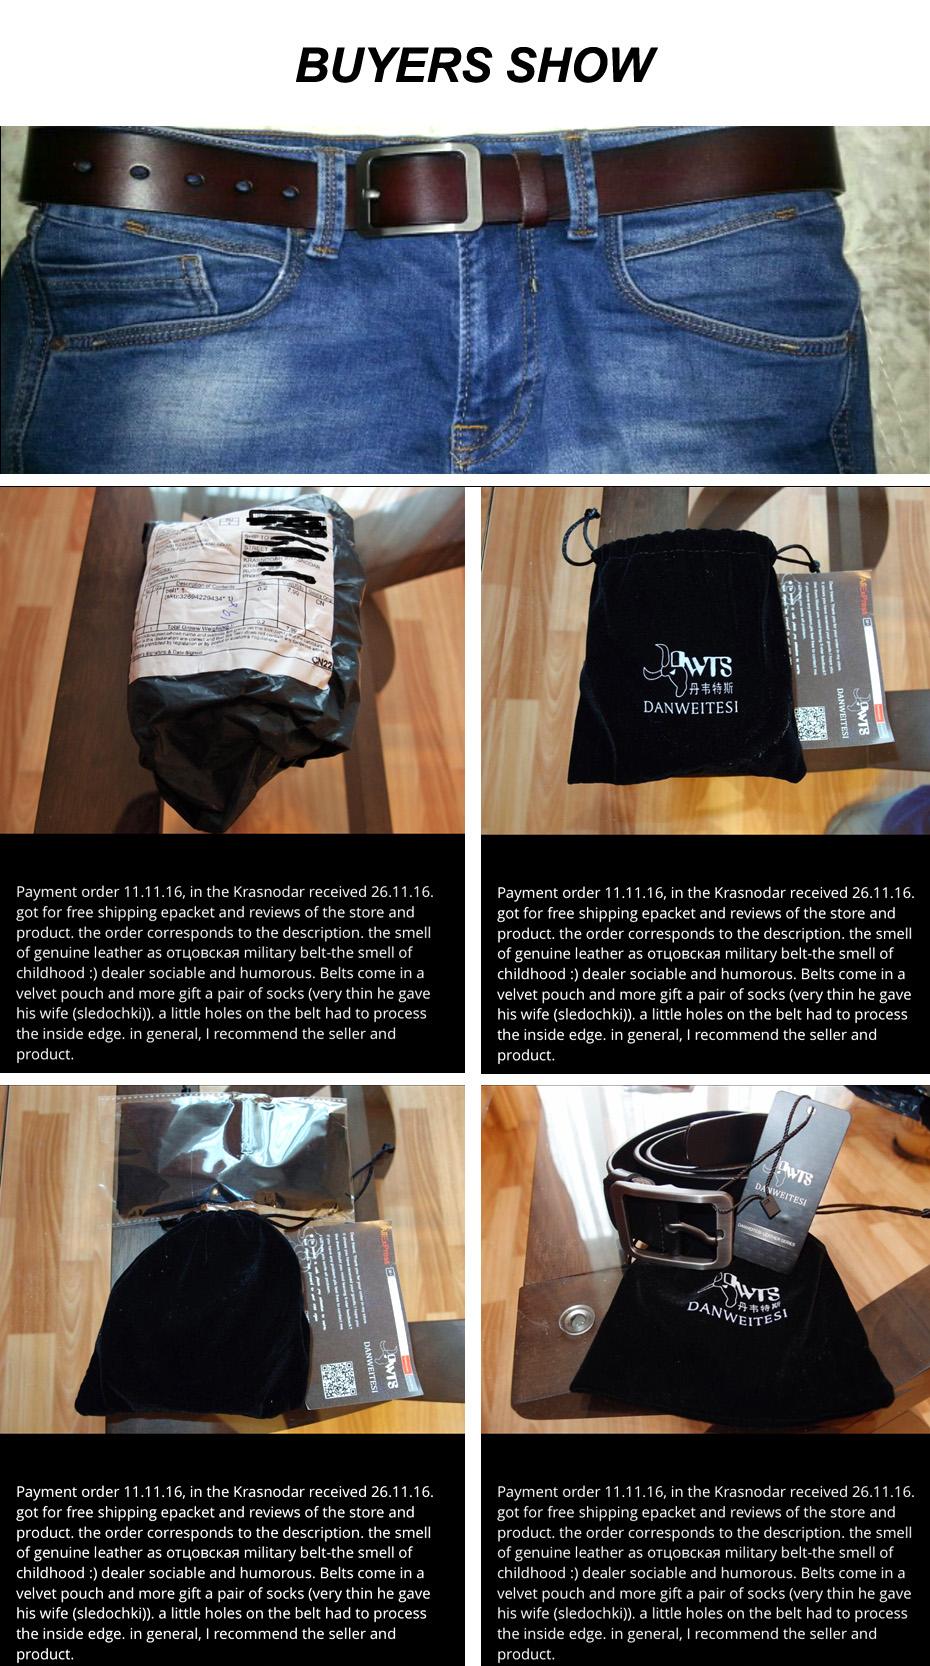 [Dwts] 2017 pas mężczyźni prawdziwej skóry luksusowe pasek klamra fantazyjne vintage jeans cintos masculinos męskie pasy dla mężczyzn ceinture homme 13